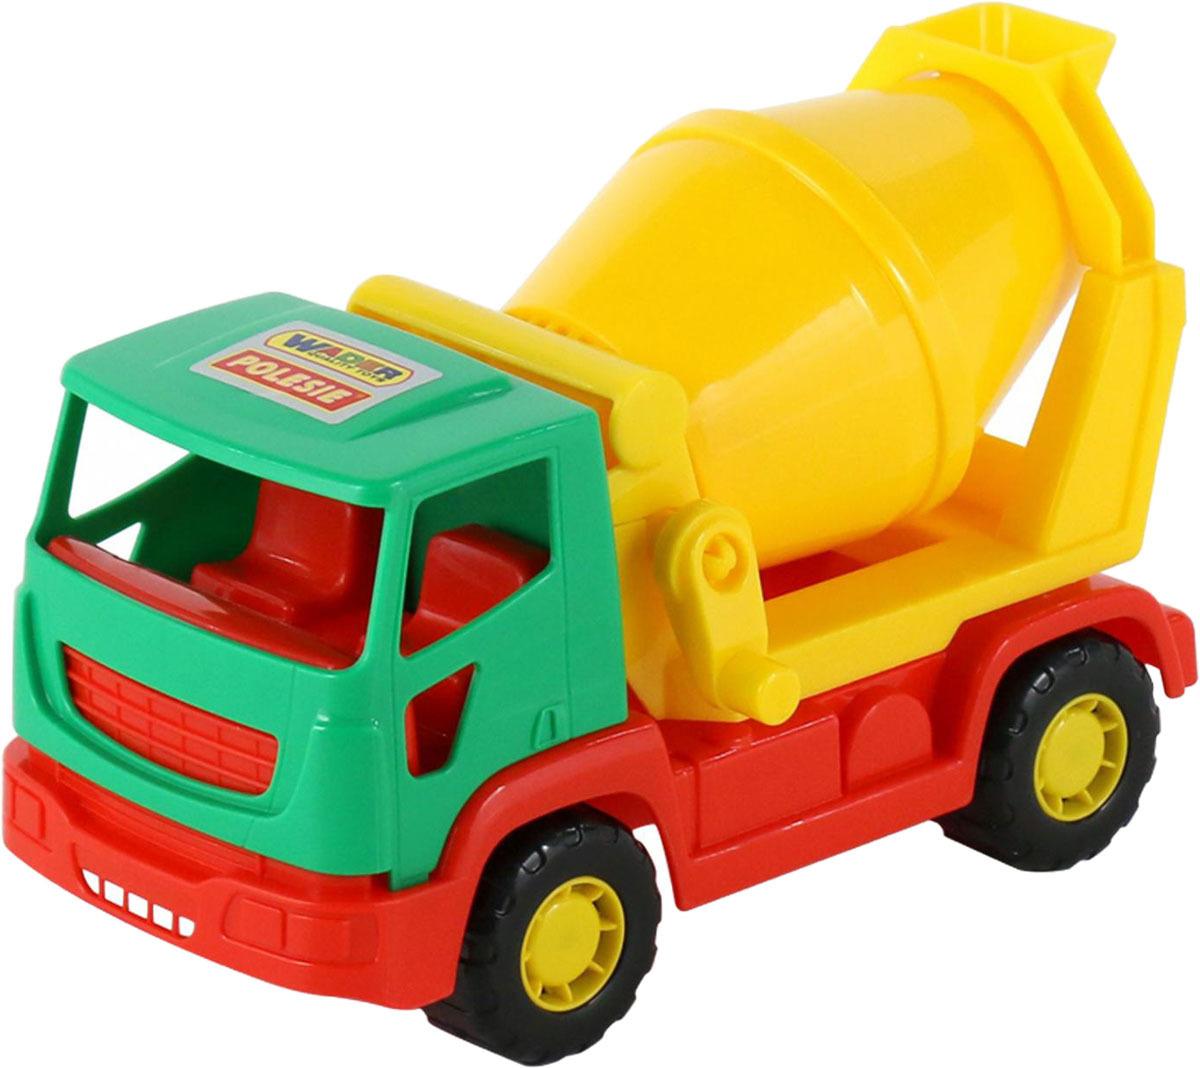 Бетоновоз Полесье Агат, цвет в ассортименте игрушка полесье агат 56429